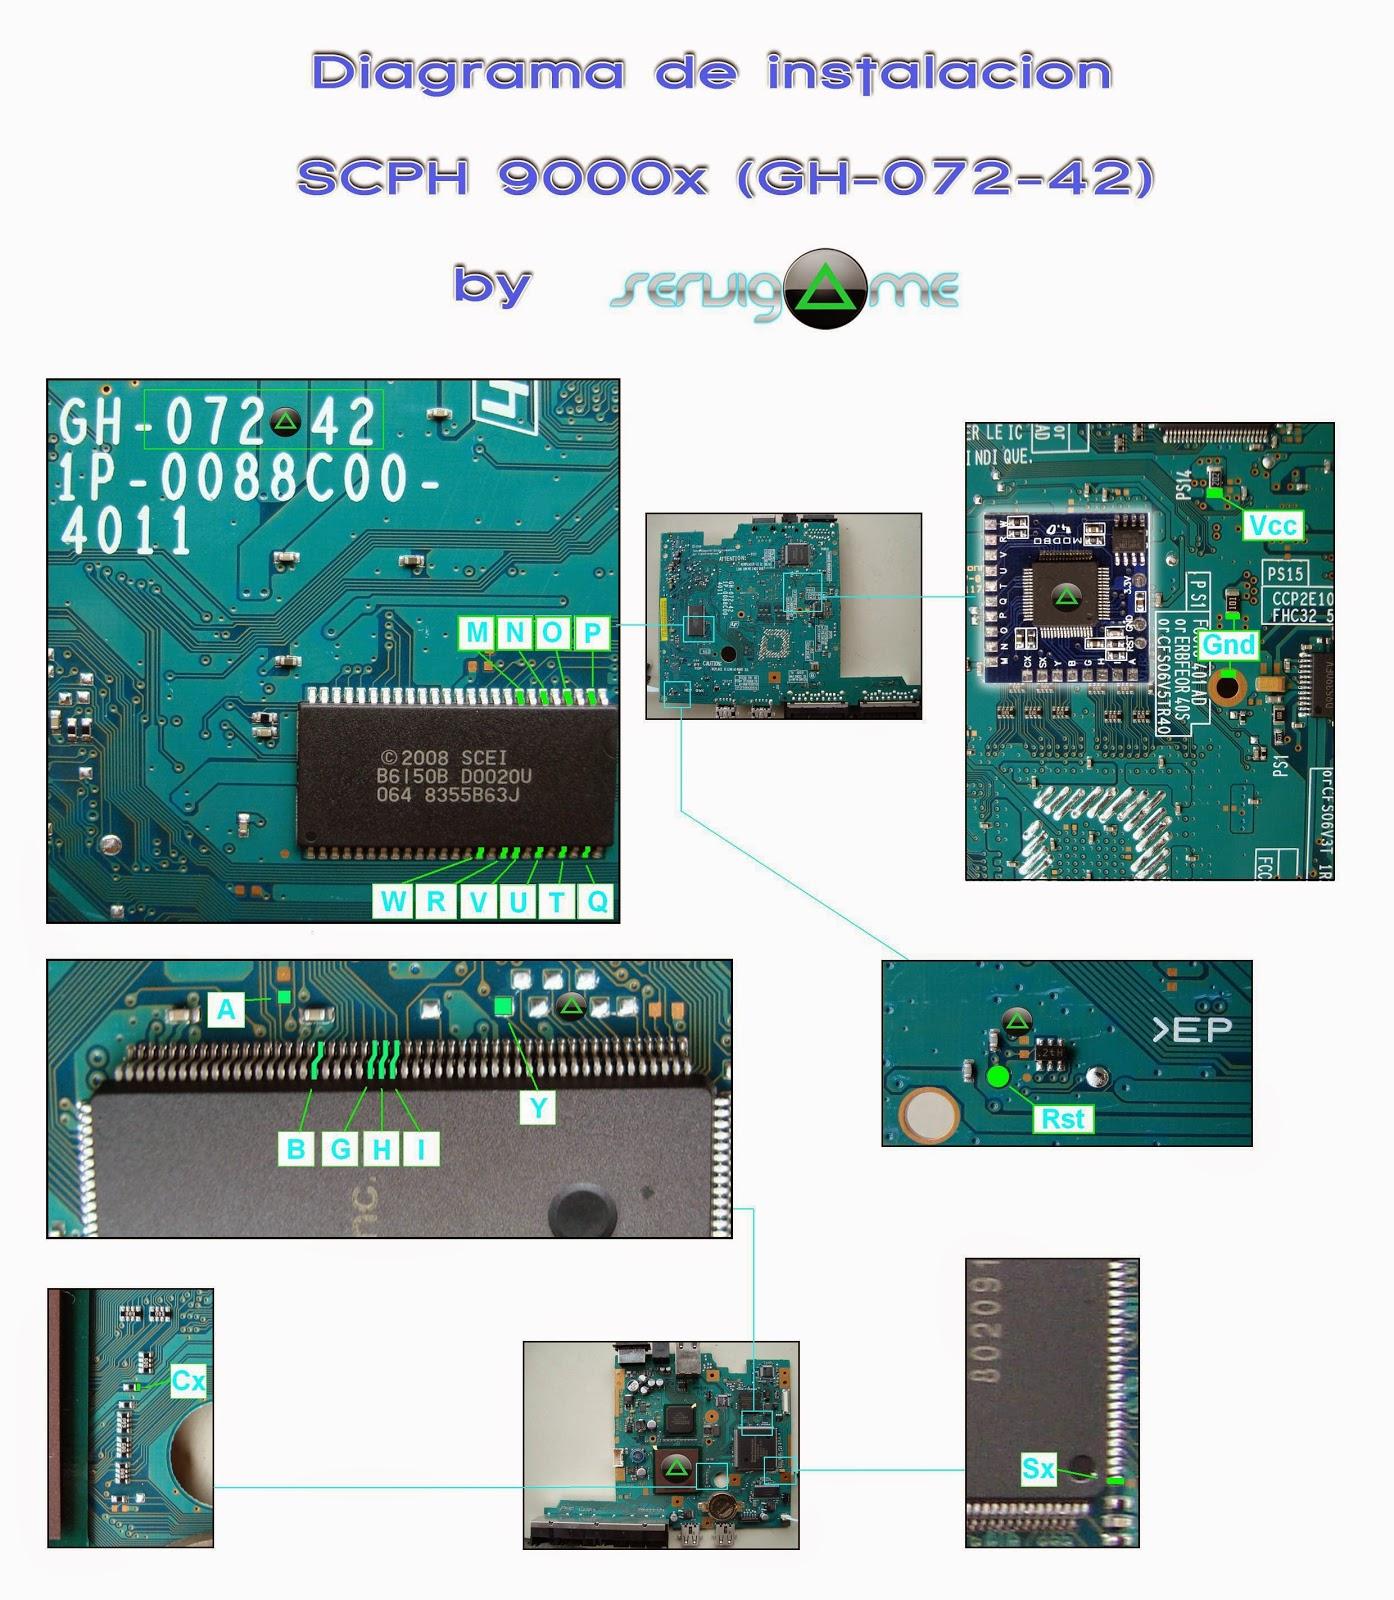 Pindah kan kabel kabel yang menempel pada IC lama untuk di pindah kan pada IC baru pengganti utk ps2 slim saya pake chip modbo 5